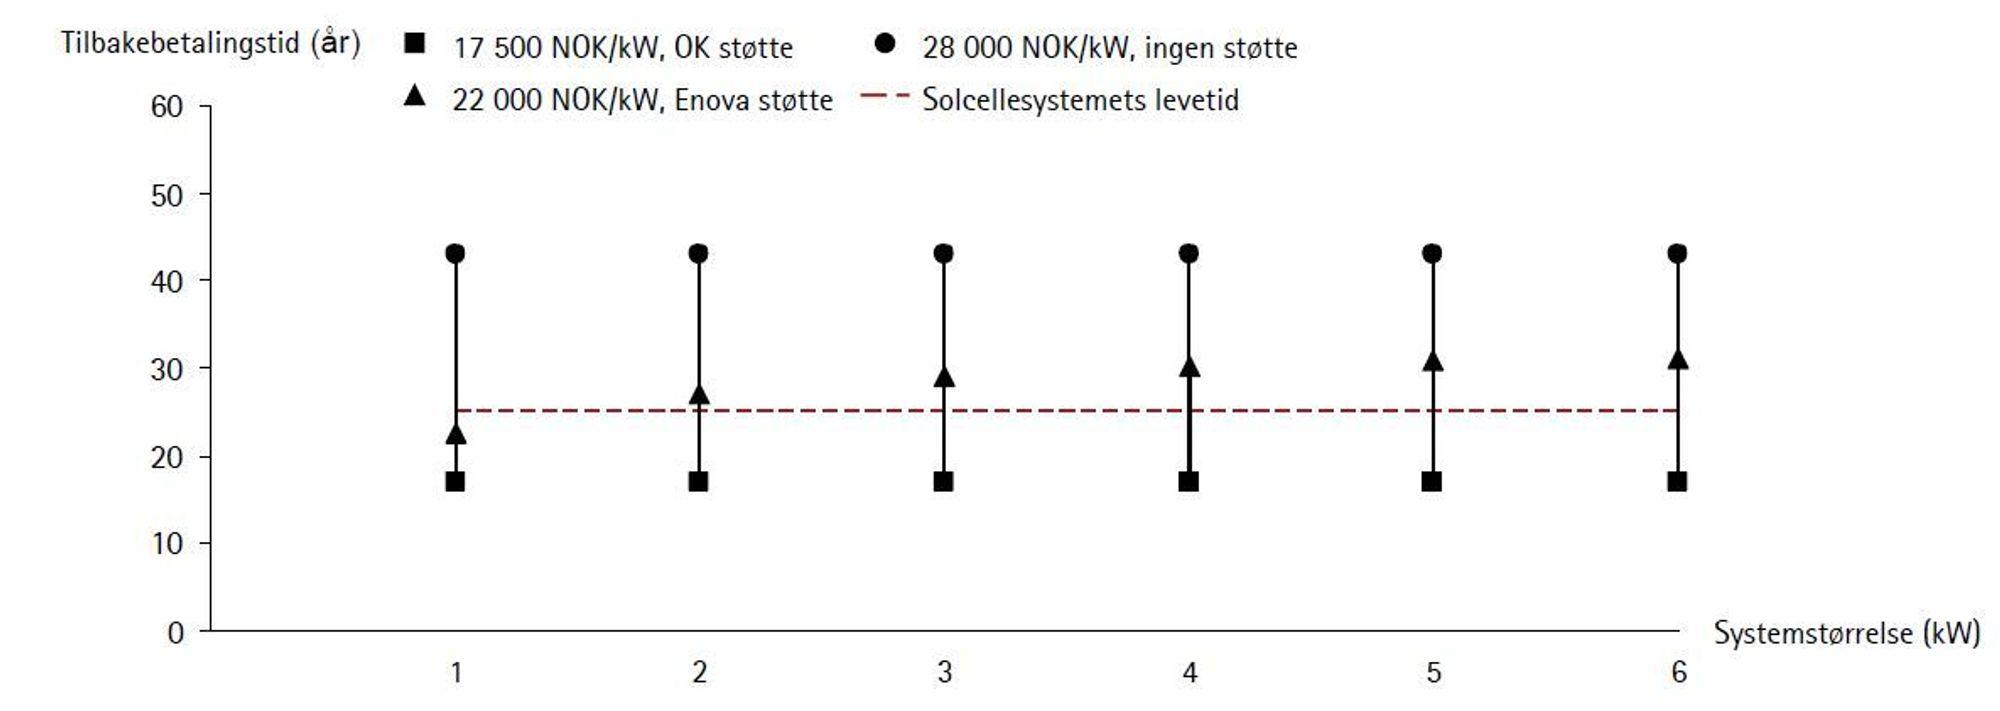 Figuren viser tilbakebetalingstid under tre kombinasjoner av prisnivåer og støtte. Det billigste systemet gir feks. tilbakebetalingstid på cirka 17 år, uavhengig størrelsen, dersom utbygger får støtte fra Oslo kommune (OK støtte). Gjelder husholdninger som bruker 100 prosent av sol-elektrisiteten selv.